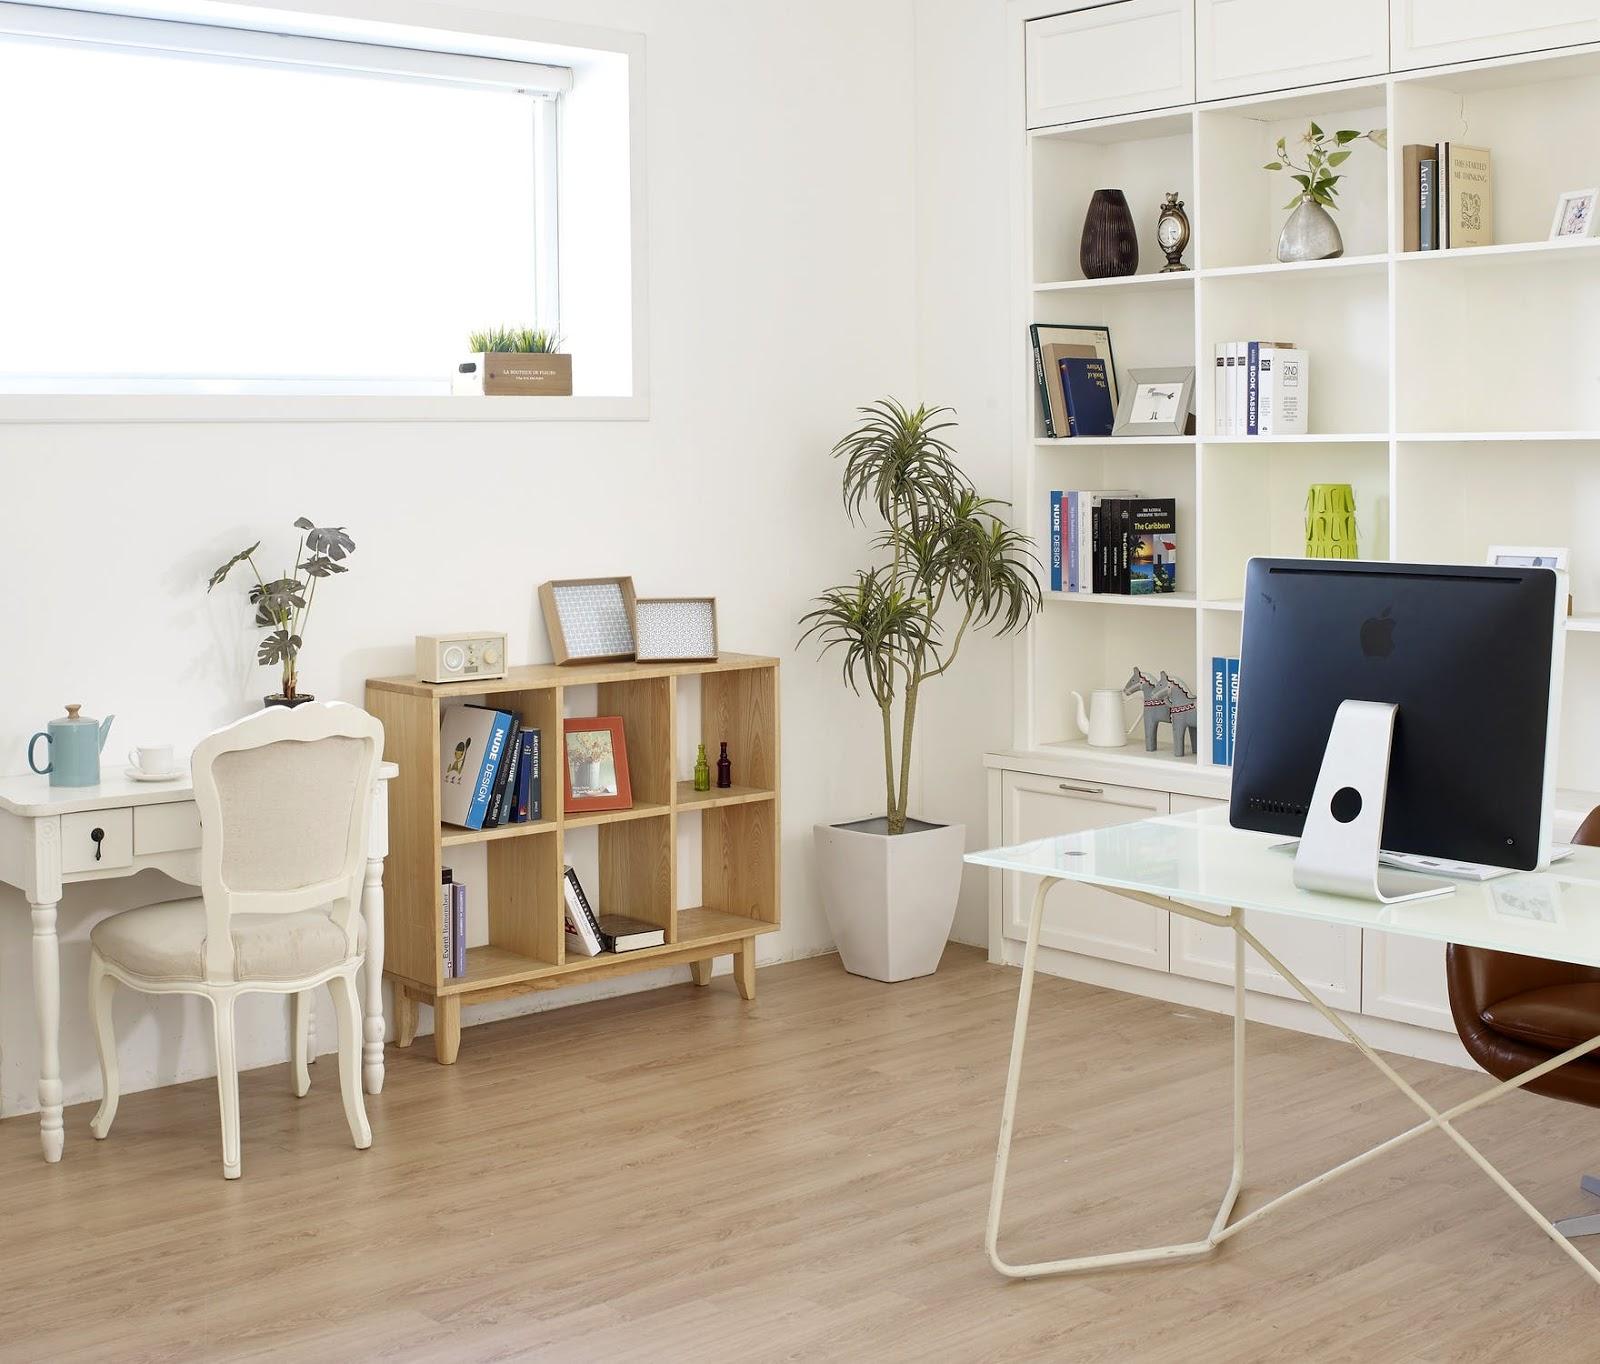 Nowoczesna przestrzeń mieszkalna - mądry remont